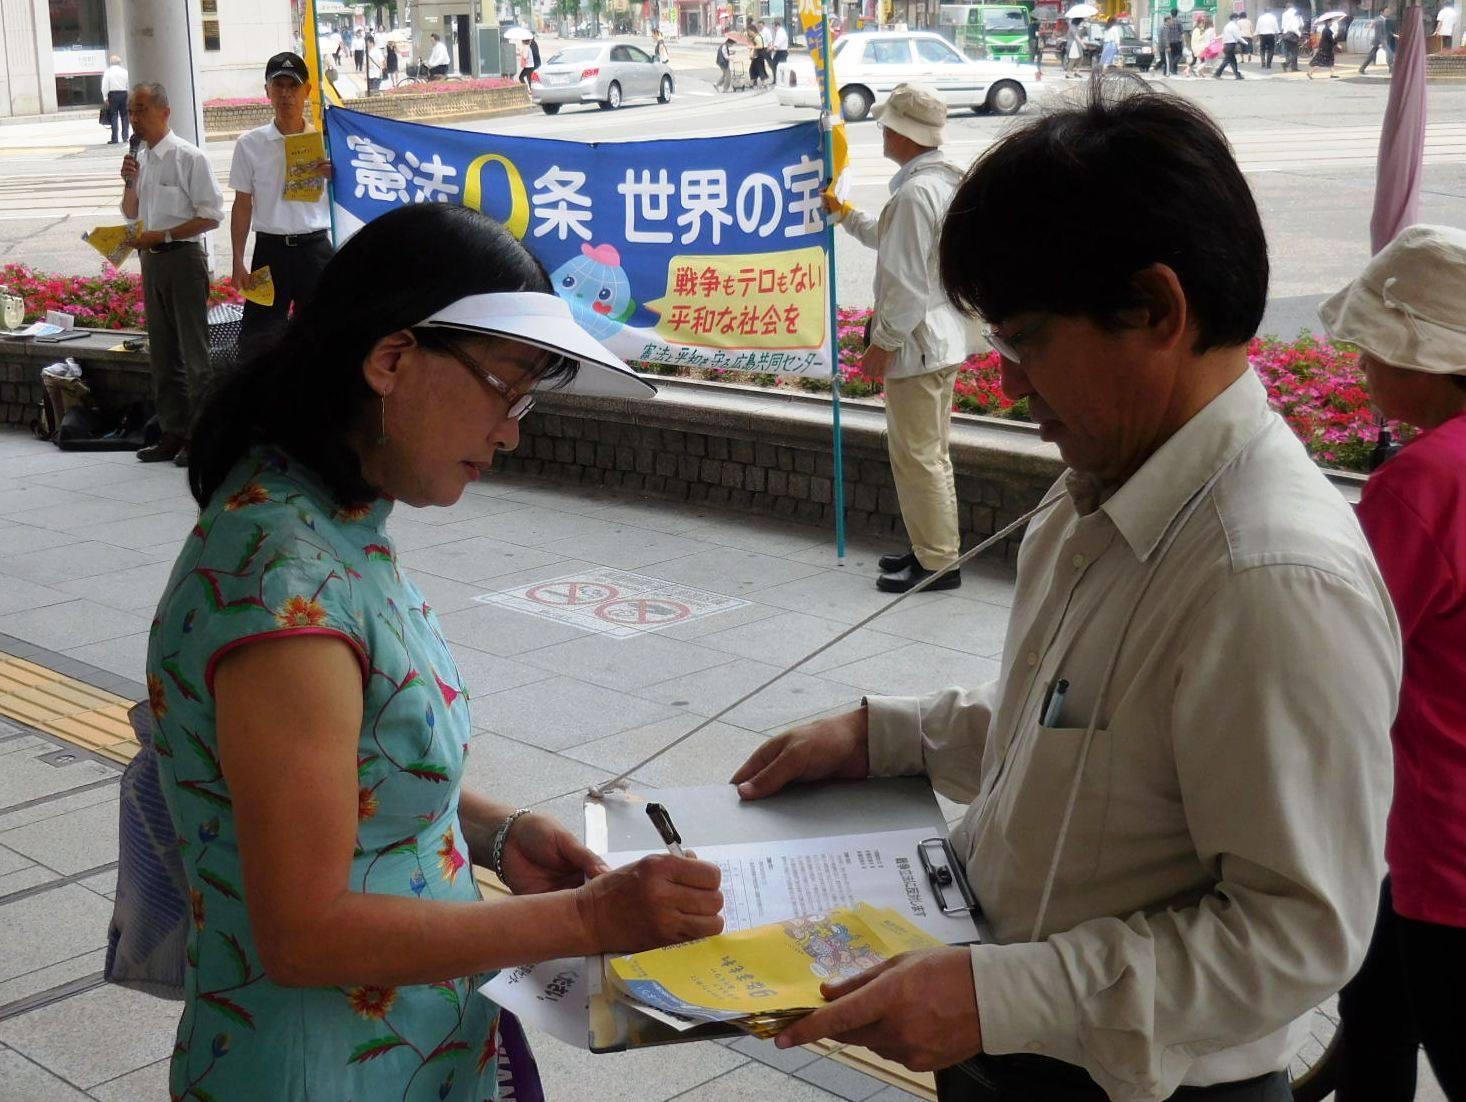 共同センター、広島市中区で戦争法案の廃案を求める街頭署名【つくだ守生による報道】_e0094315_15082184.jpg